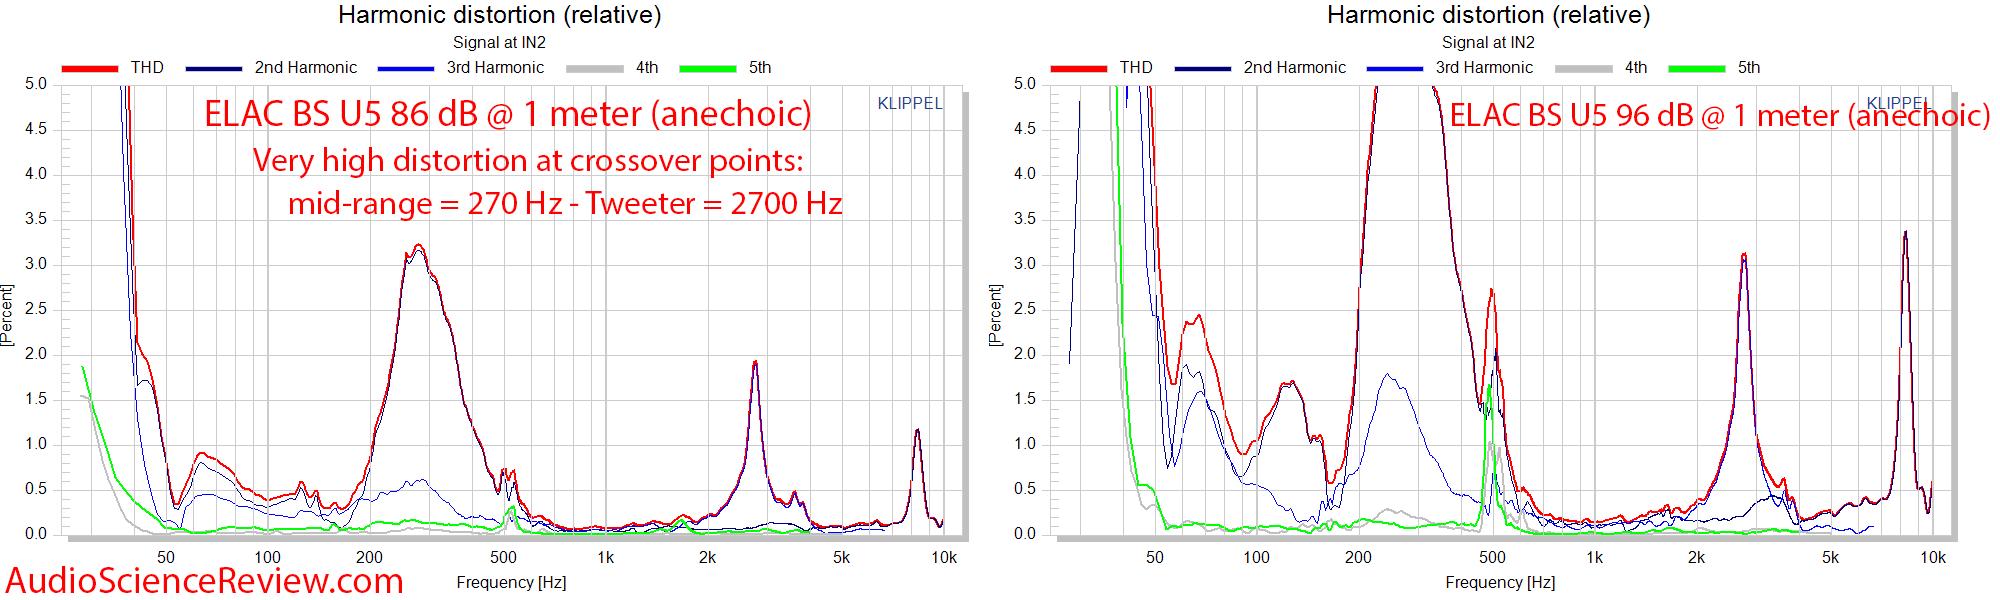 Elac BS U5 Slim 3-way bookshelf speaker THD distortion percentage frequency response measureme...png